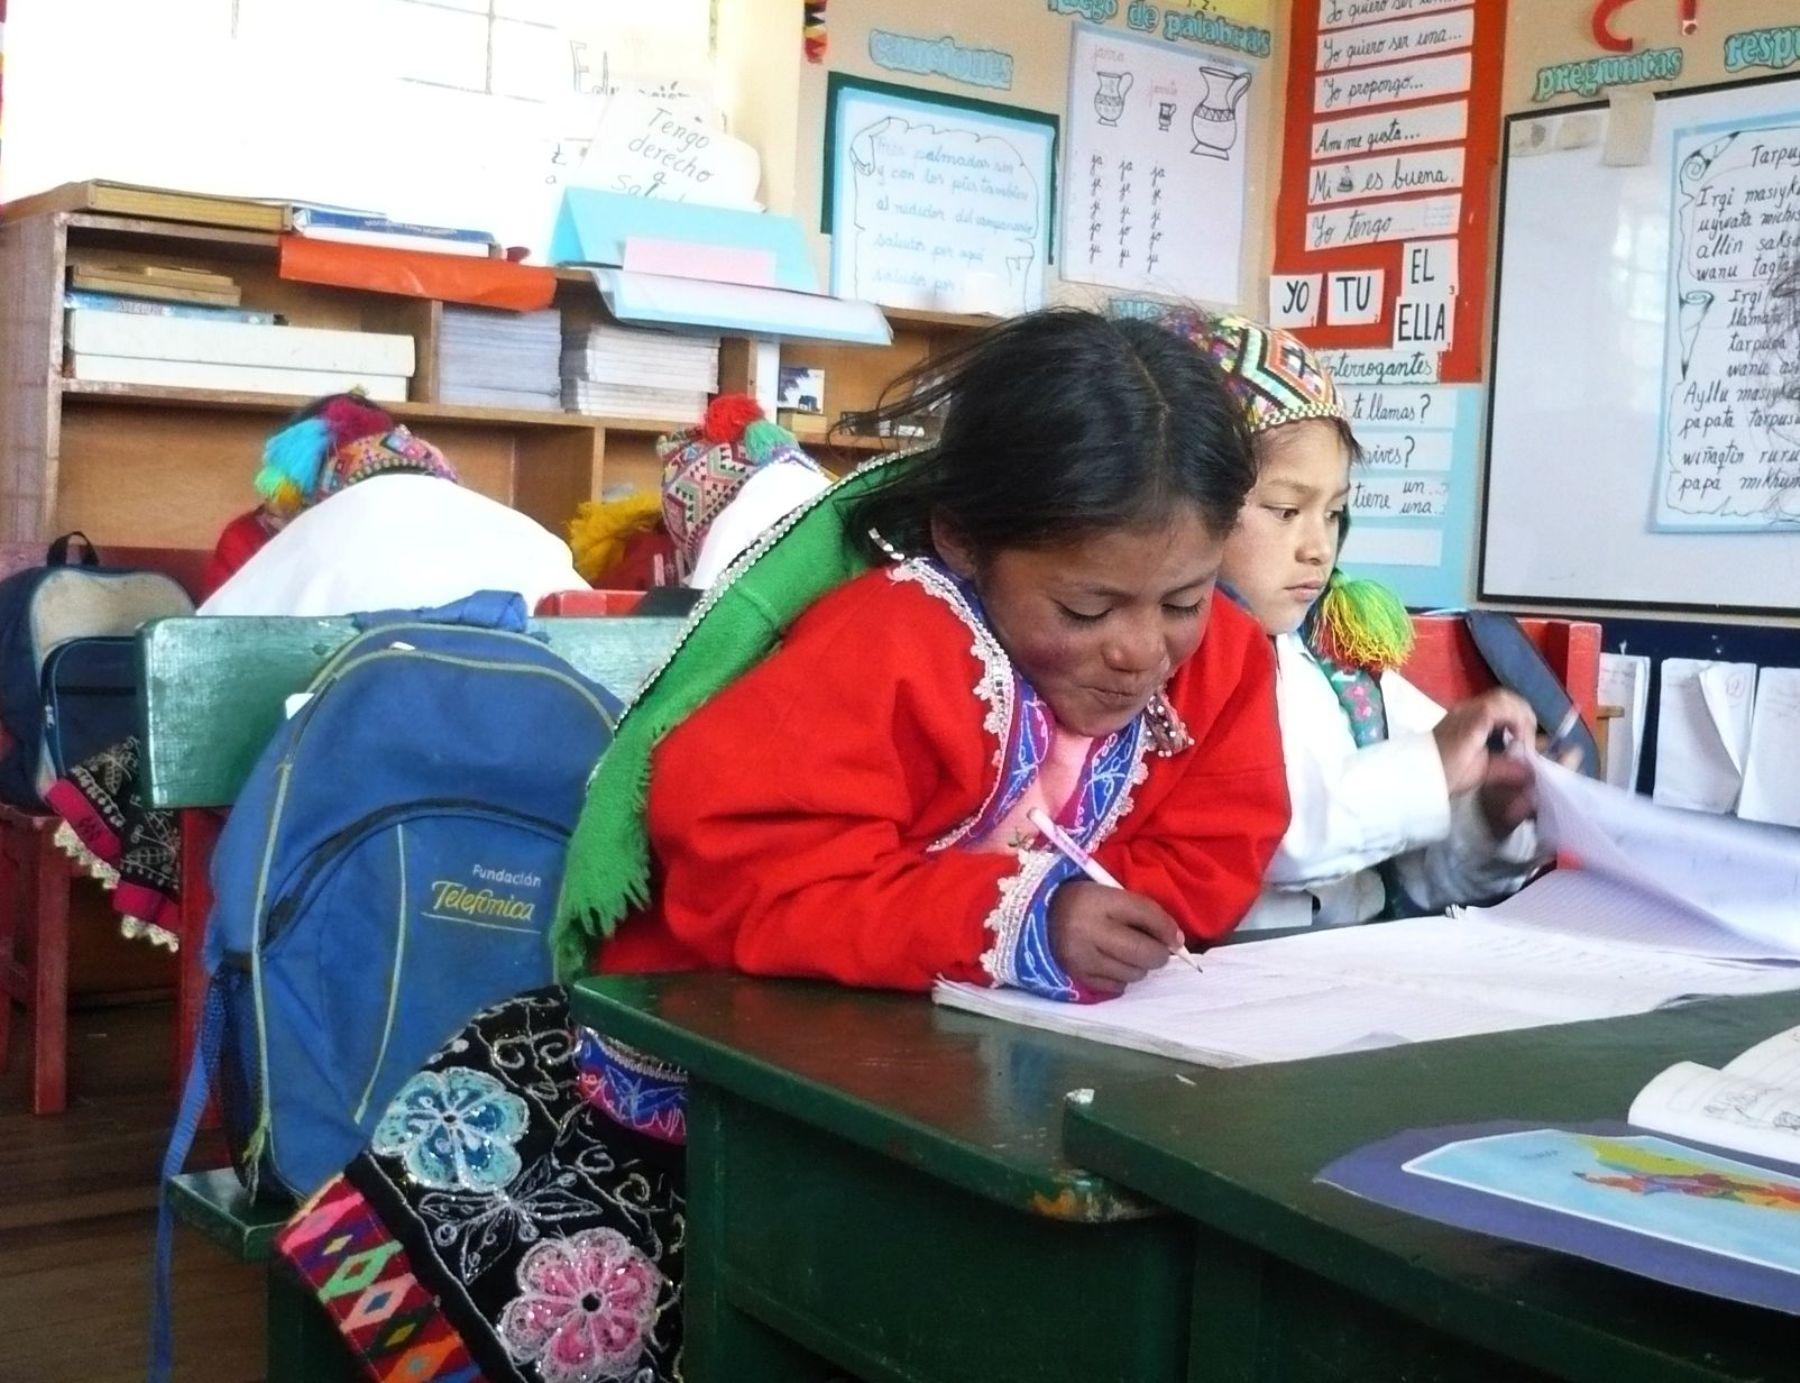 Proyecto Huasaca ya ha beneficiado a más de 40,000 pobladores de zonas altoandinas. FOTO: Difusión